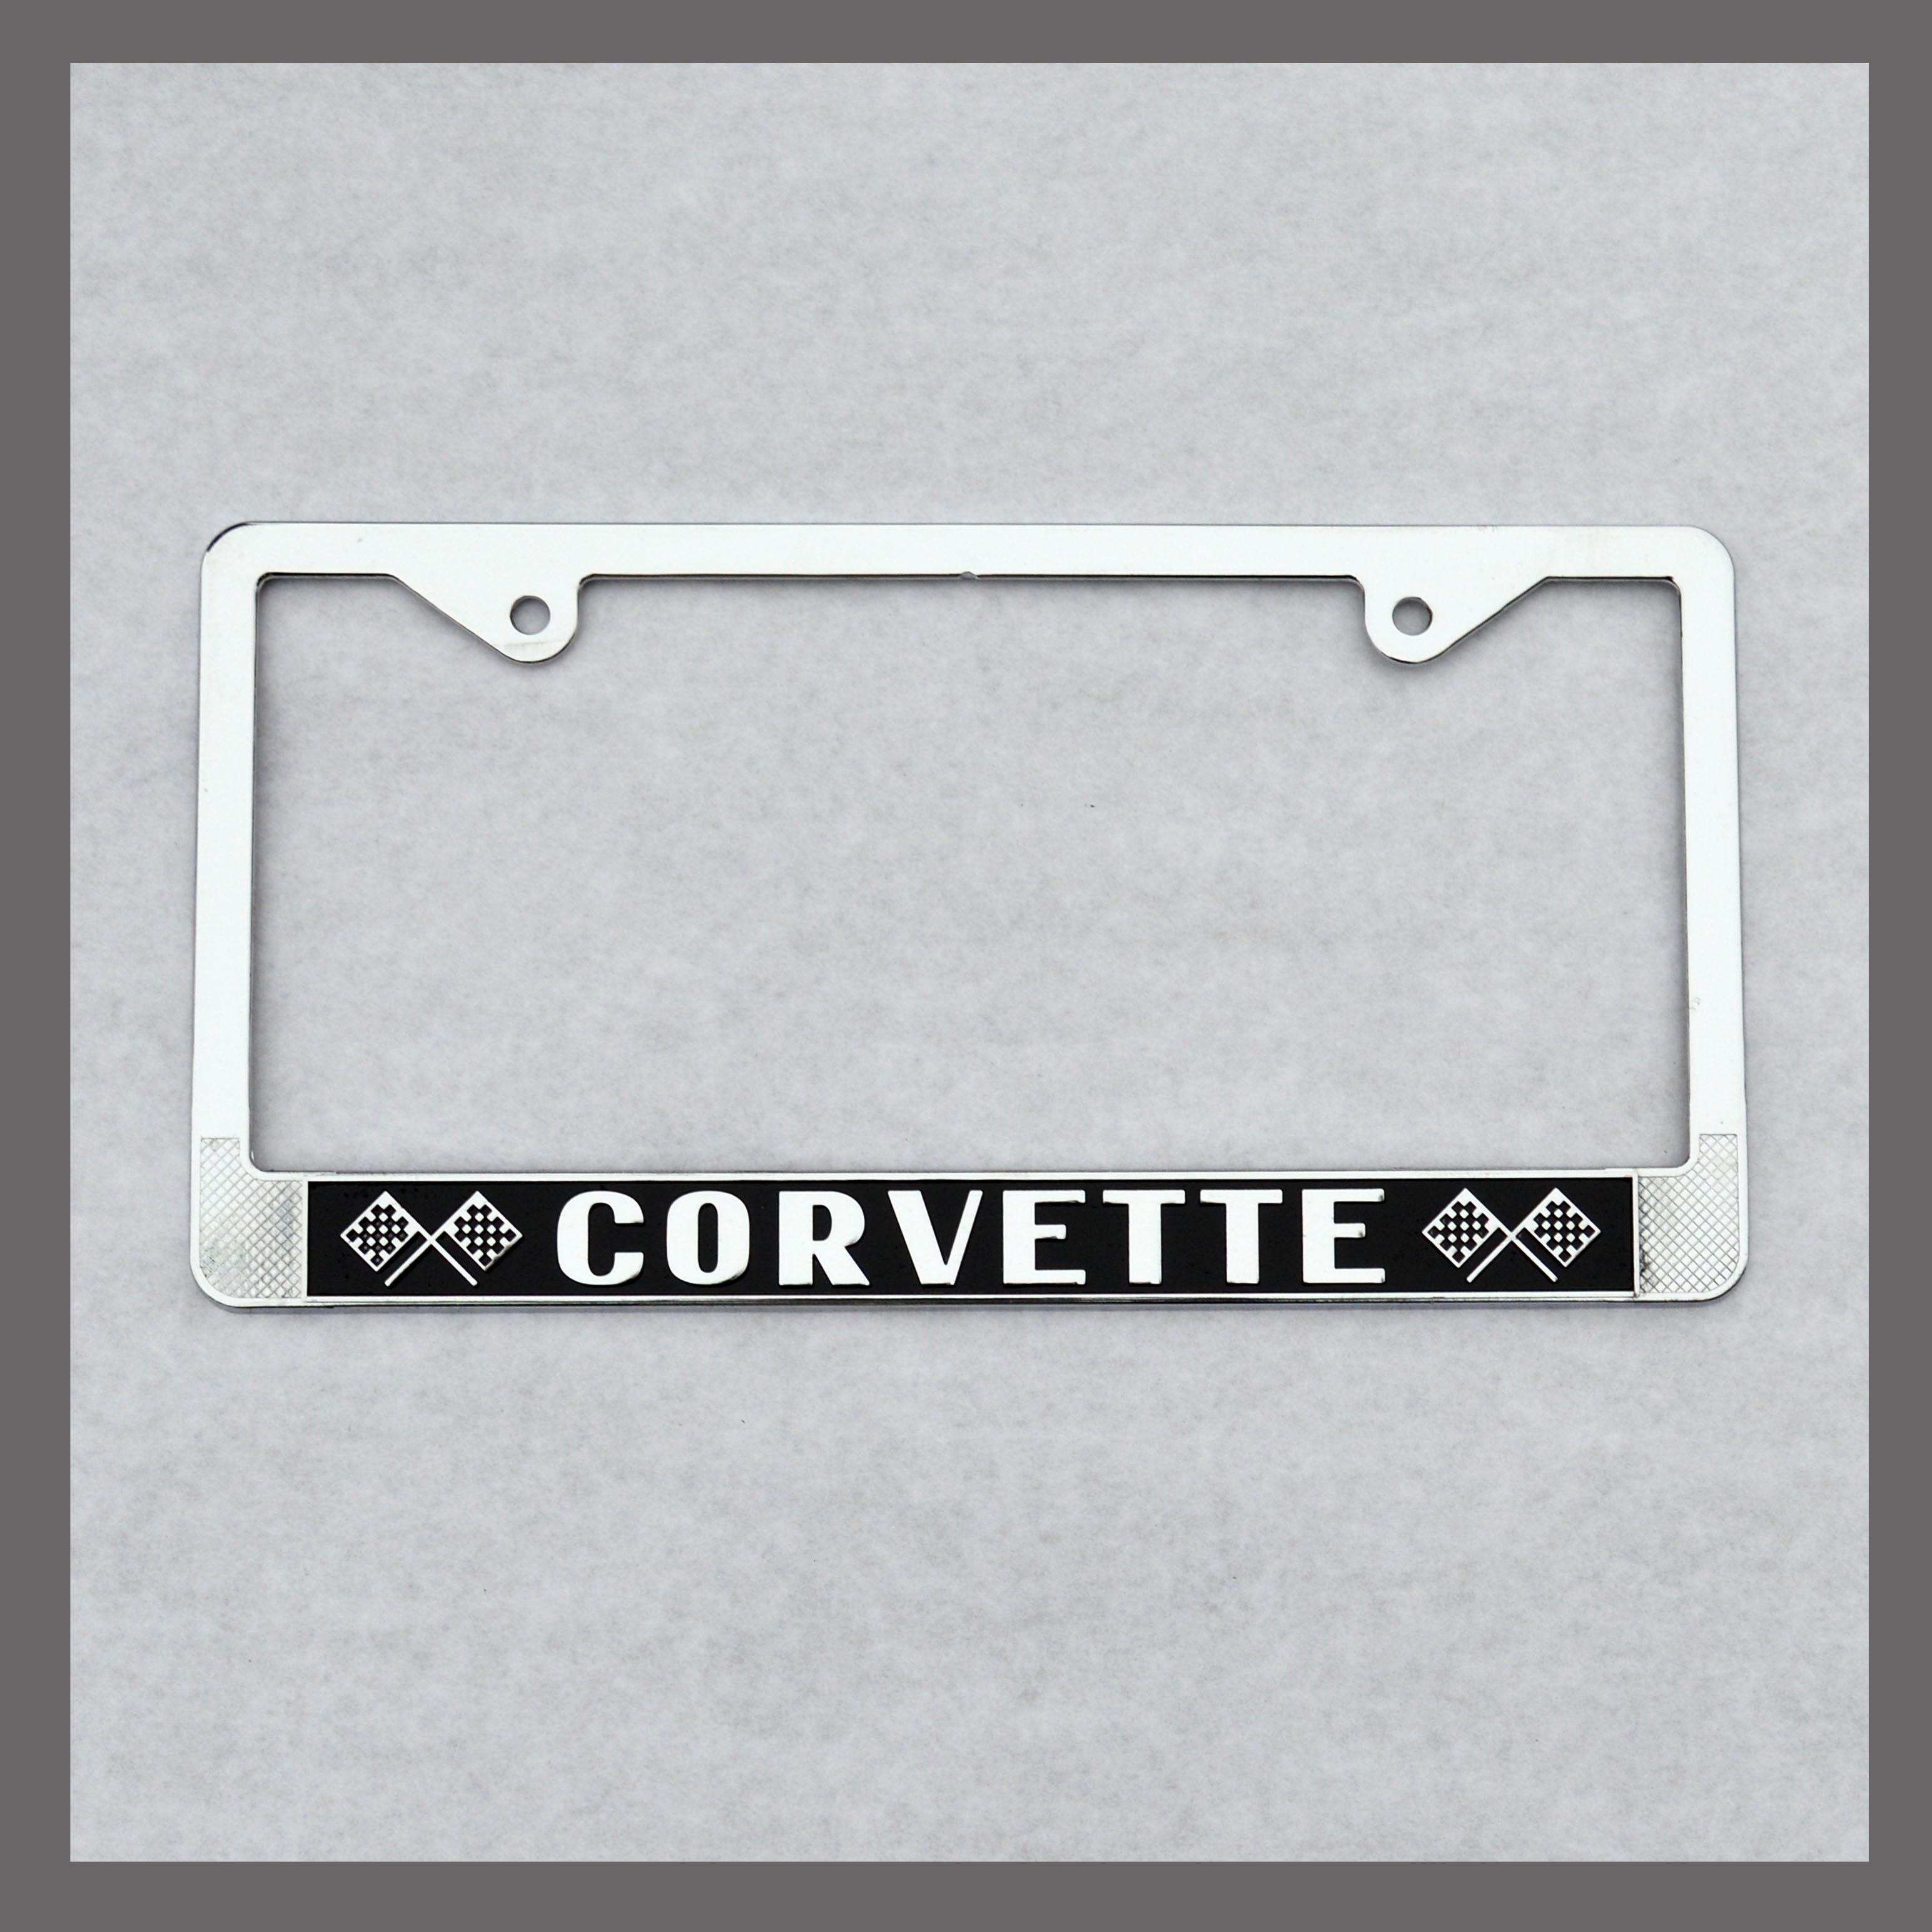 Corvette License Plate Frame For Sale